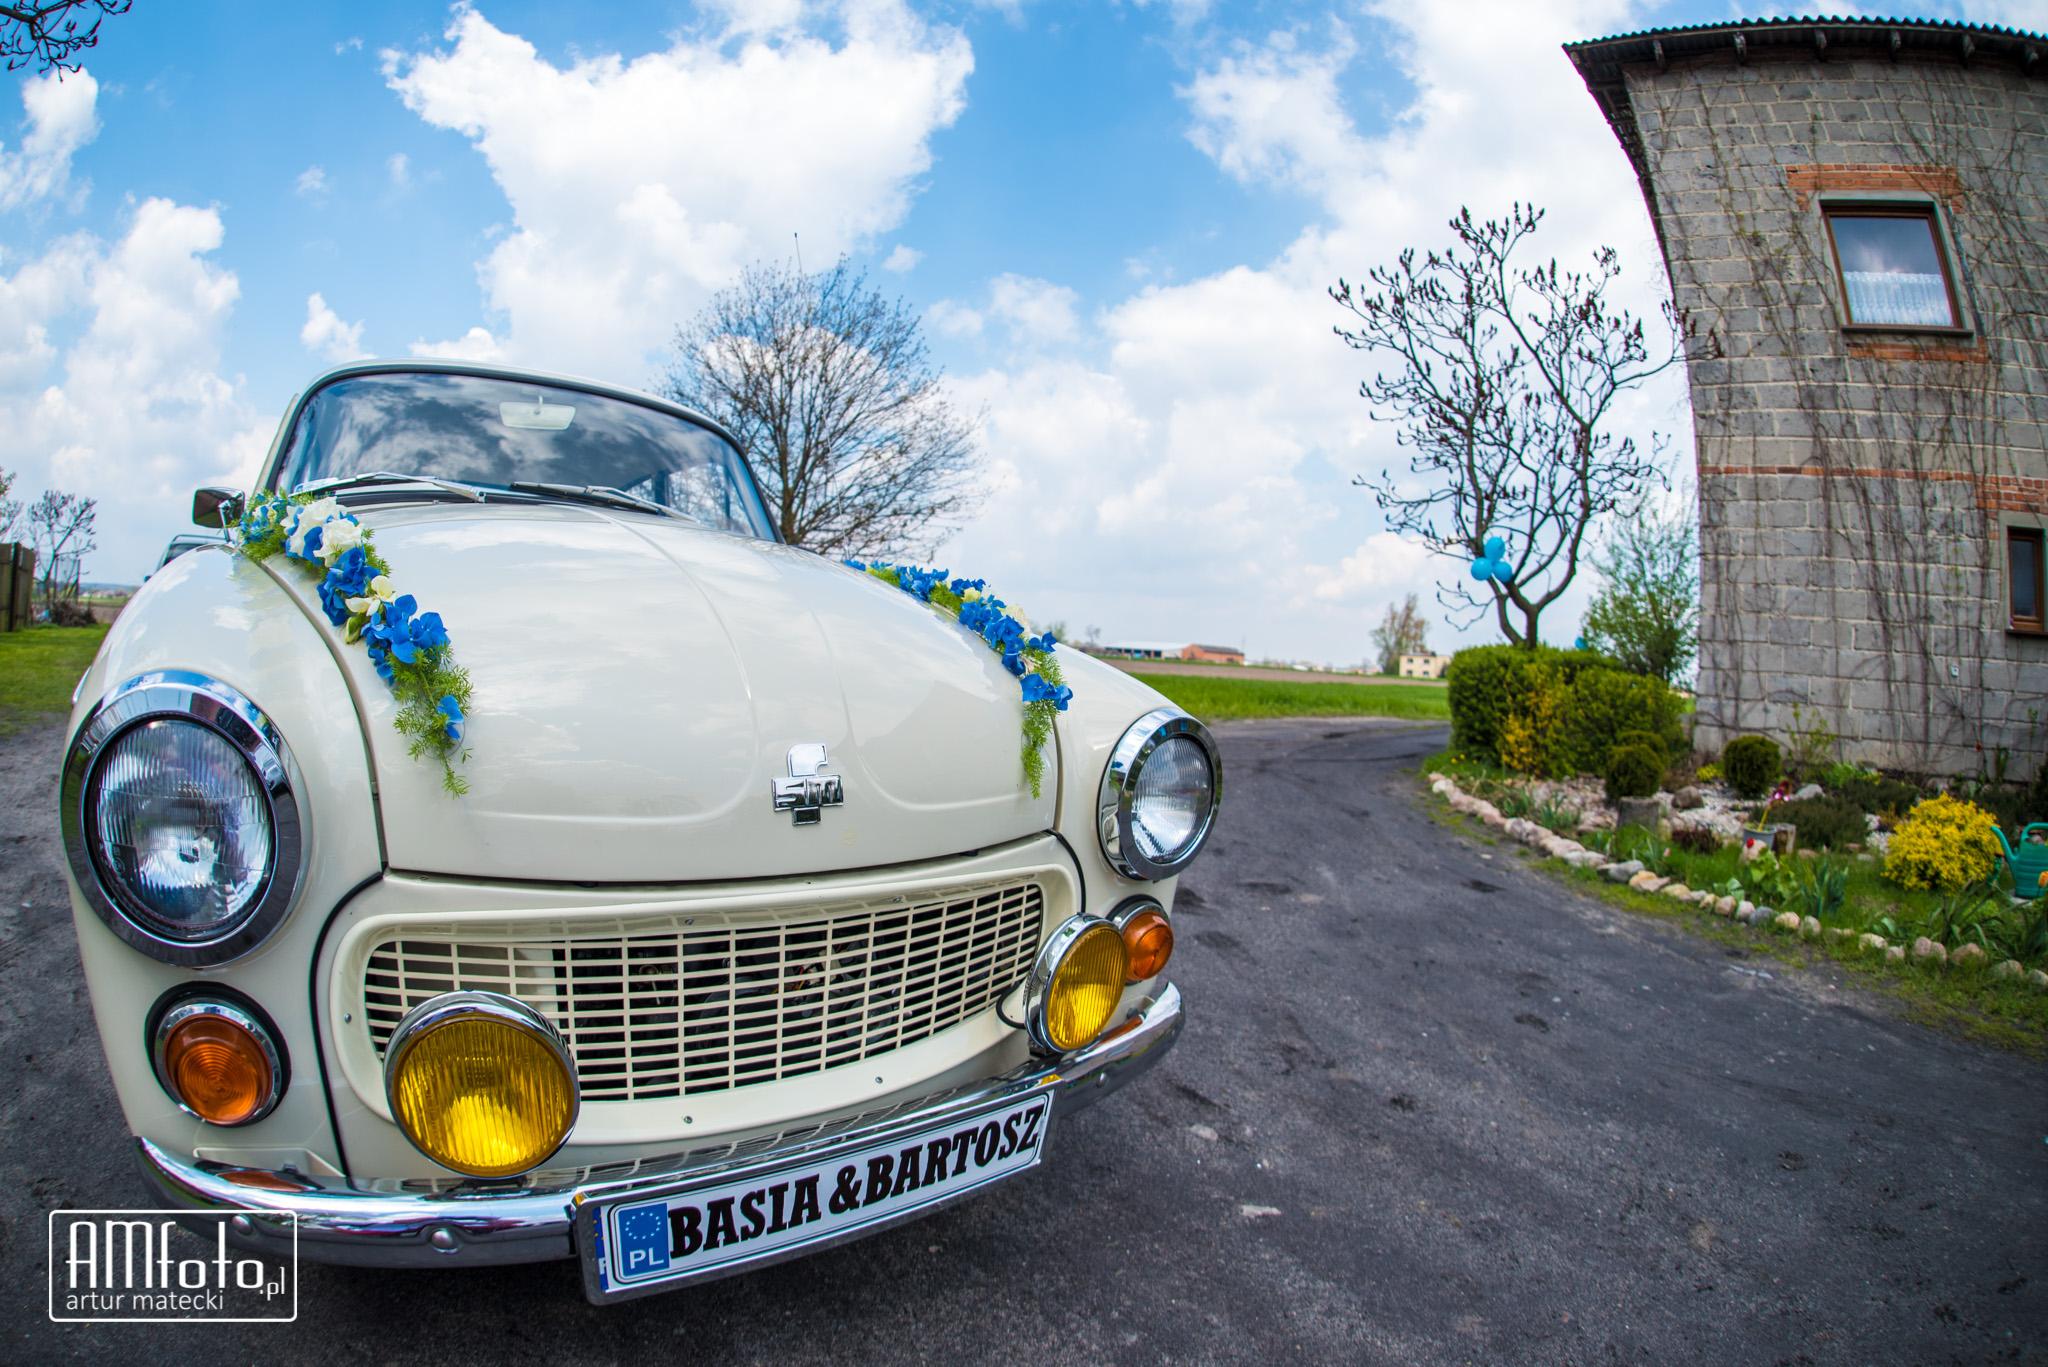 0214_Basia&Bartosz_reportaz____www-amfoto-pl__AMF_7984.jpg